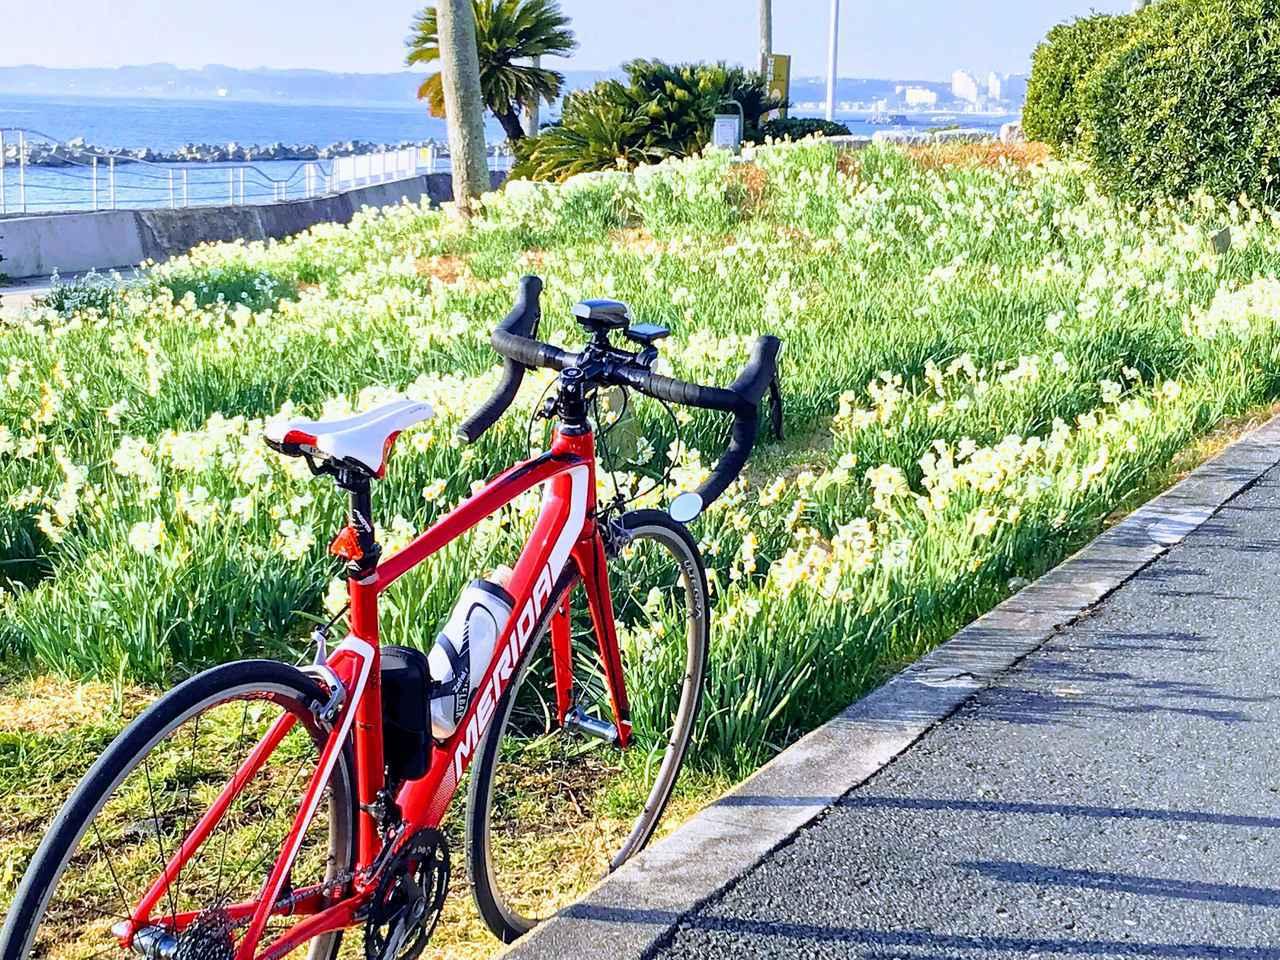 画像: 【ロードバイク初心者必見】購入前に知っておきたい基礎知識を徹底解説! おすすめロードバイク厳選3選 - ハピキャン(HAPPY CAMPER)